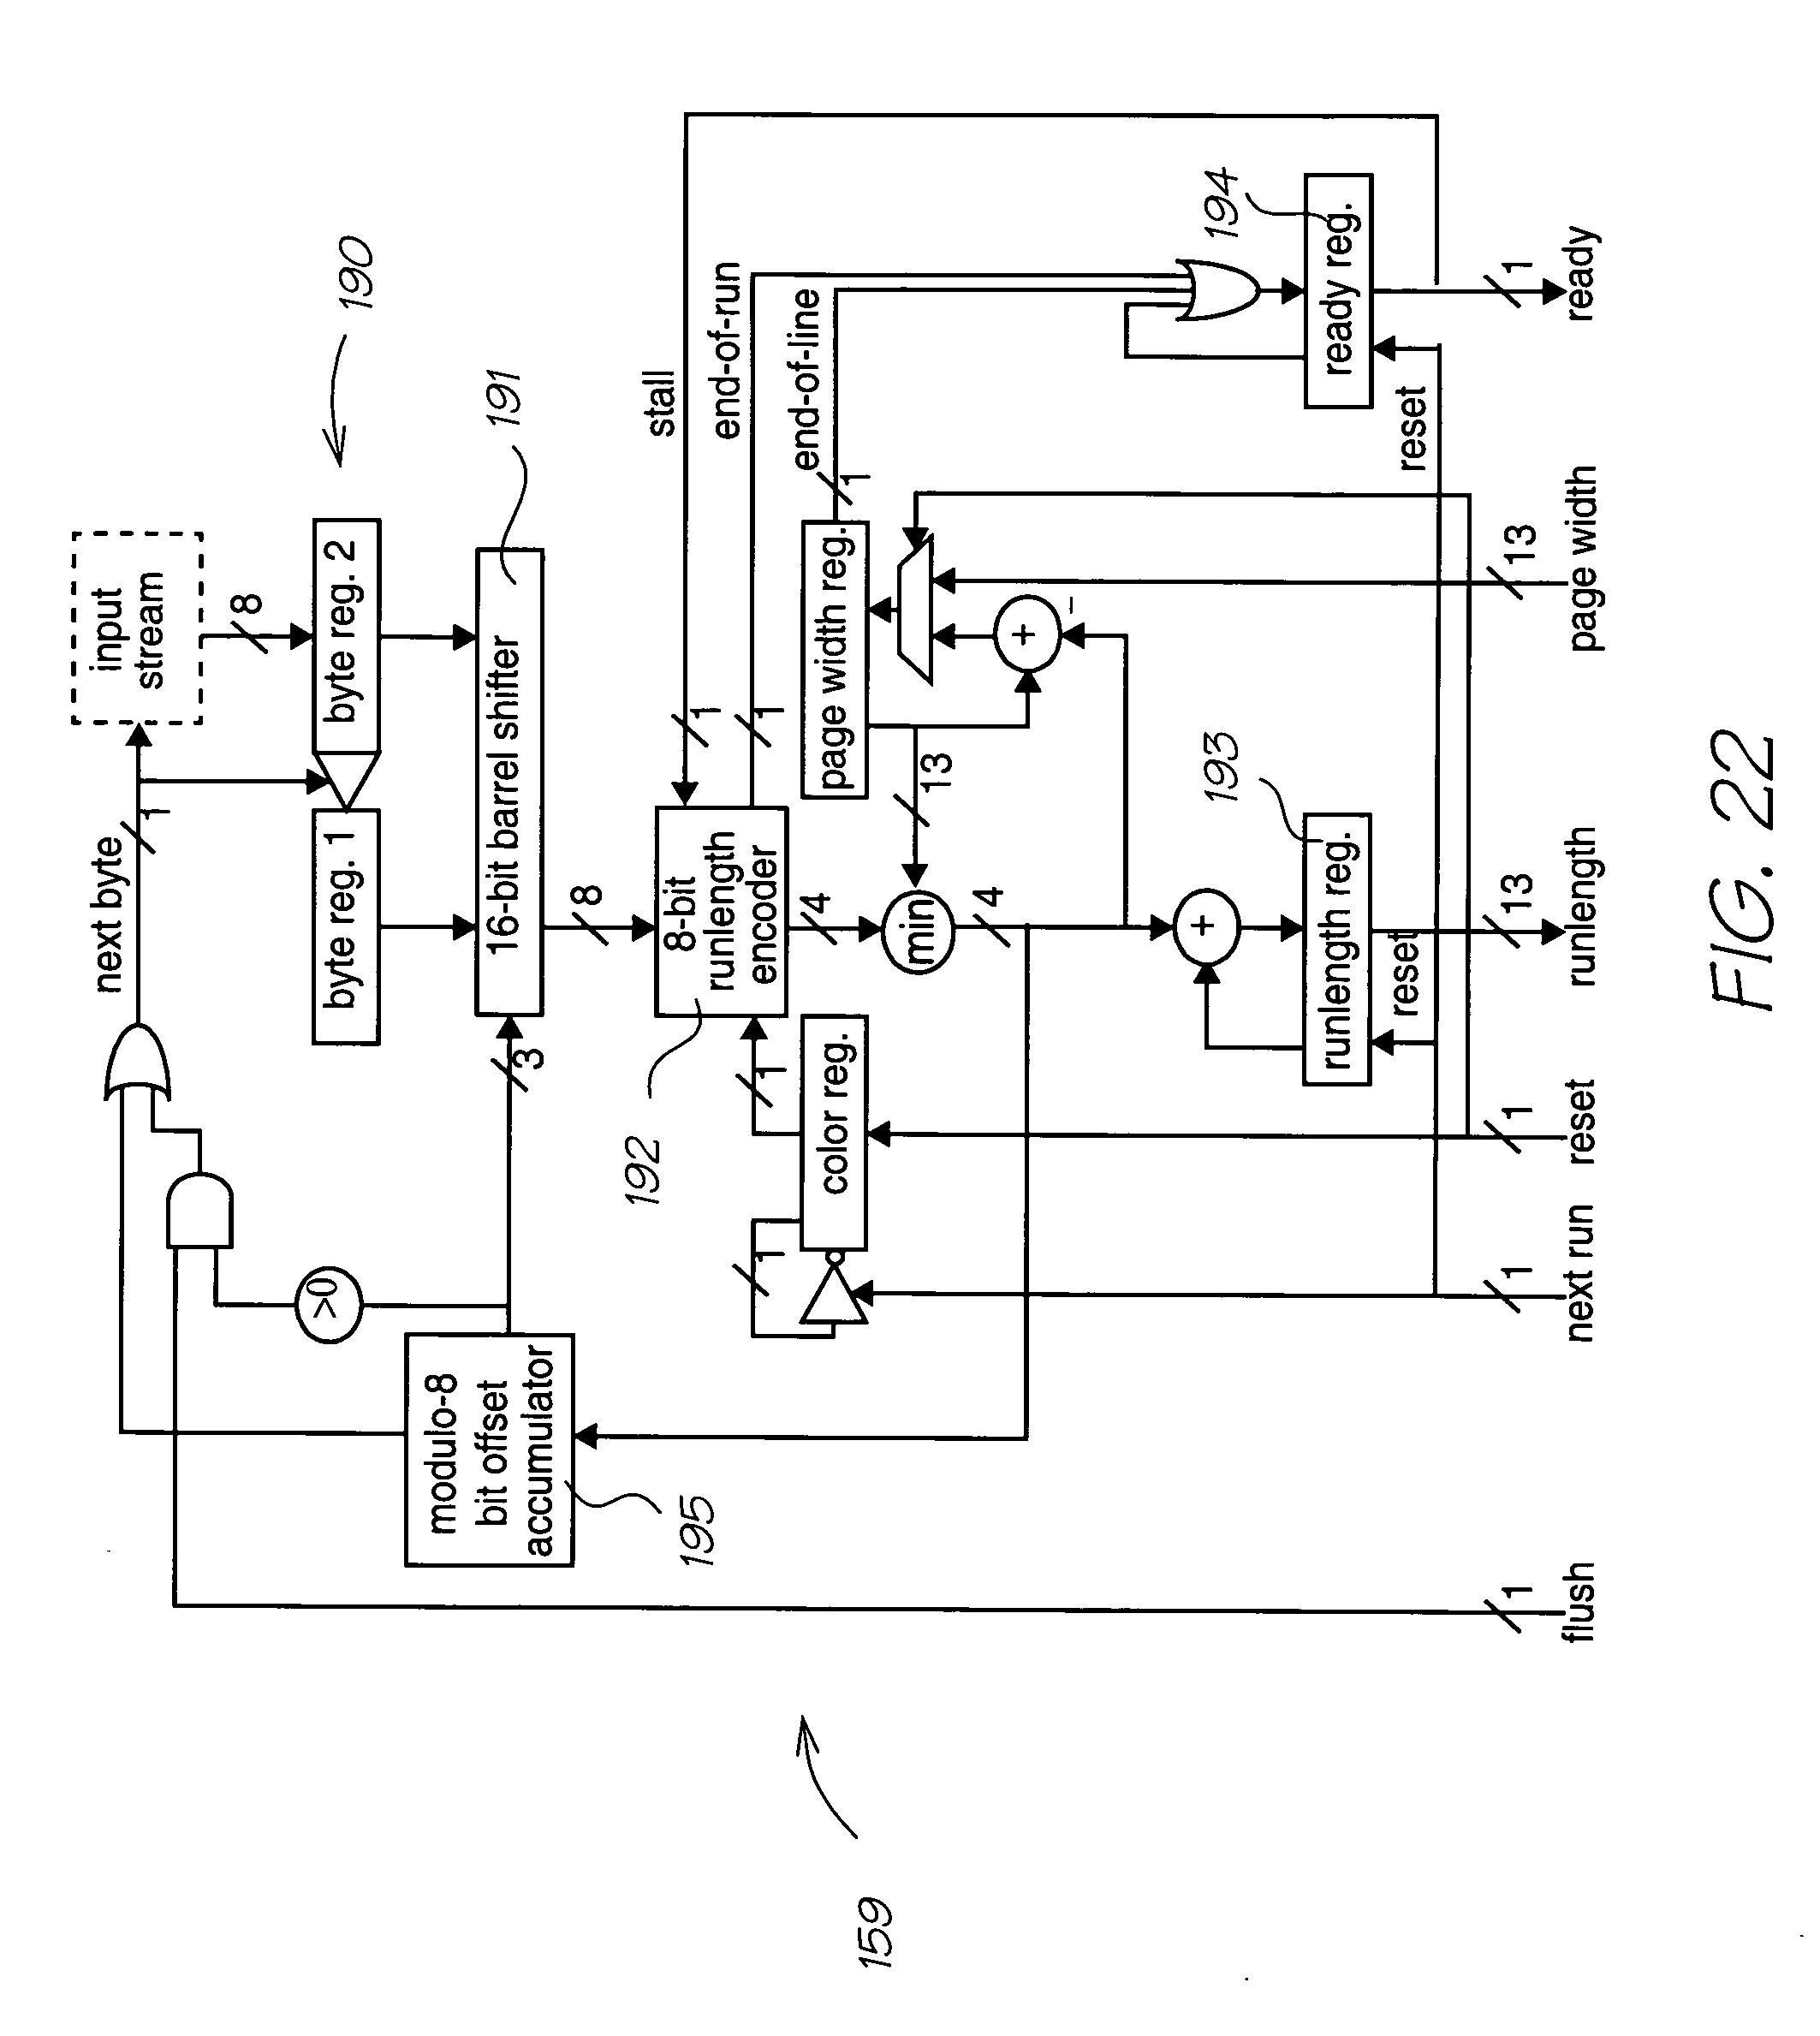 Mazda Tribute Stereo Wiring Diagram